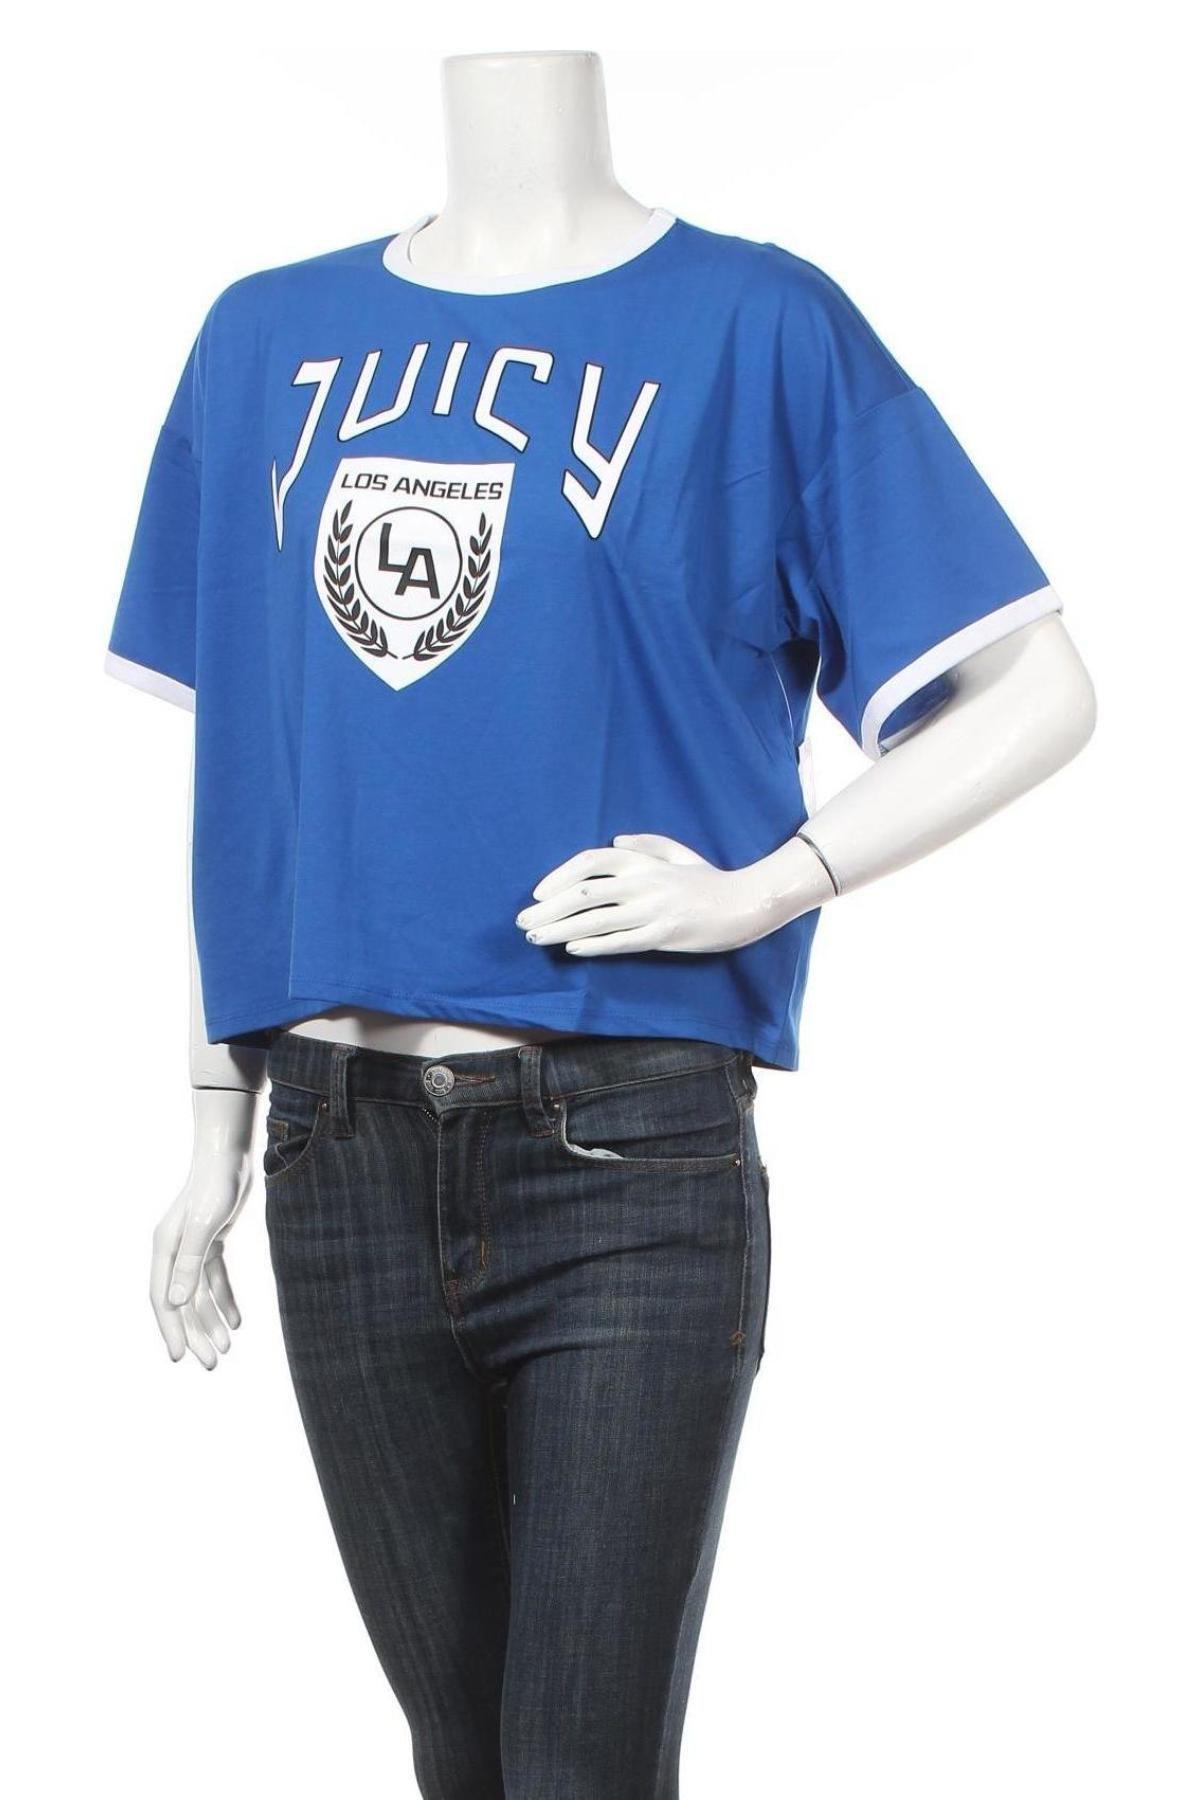 Дамска тениска Juicy Couture, Размер L, Цвят Син, 60% памук, 40% полиестер, Цена 38,28лв.